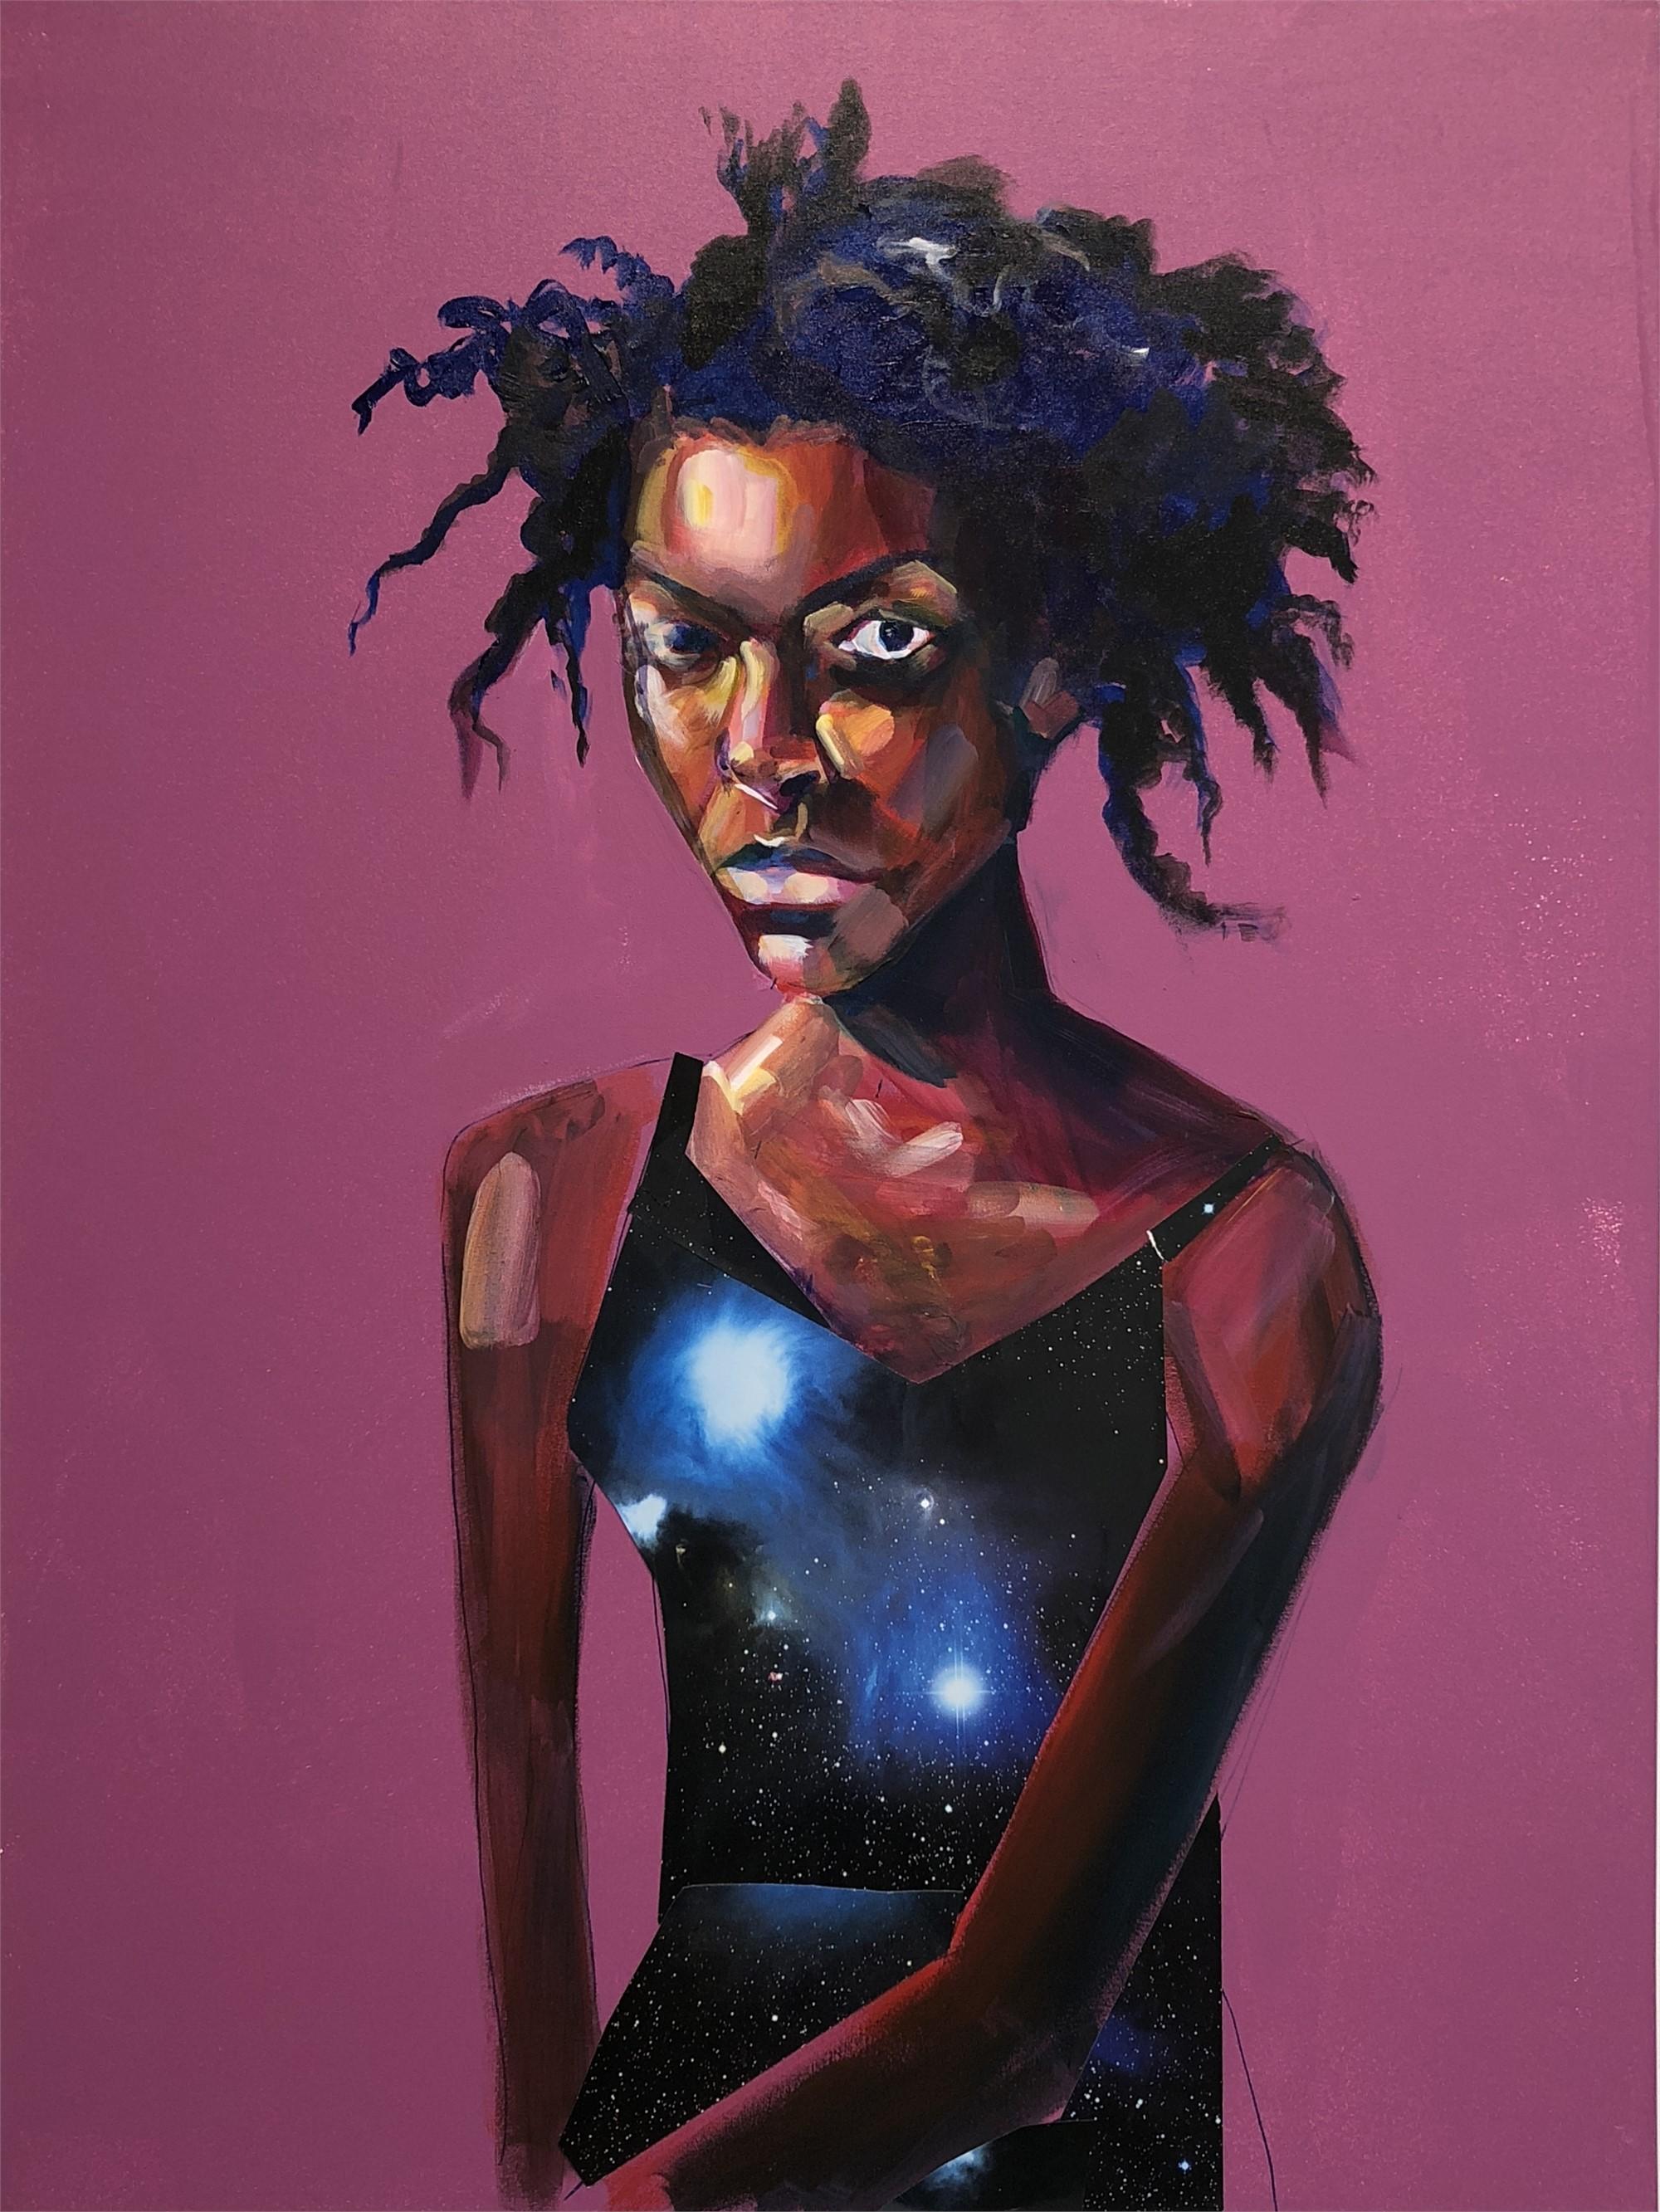 Rupture by Angela Davis Johnson